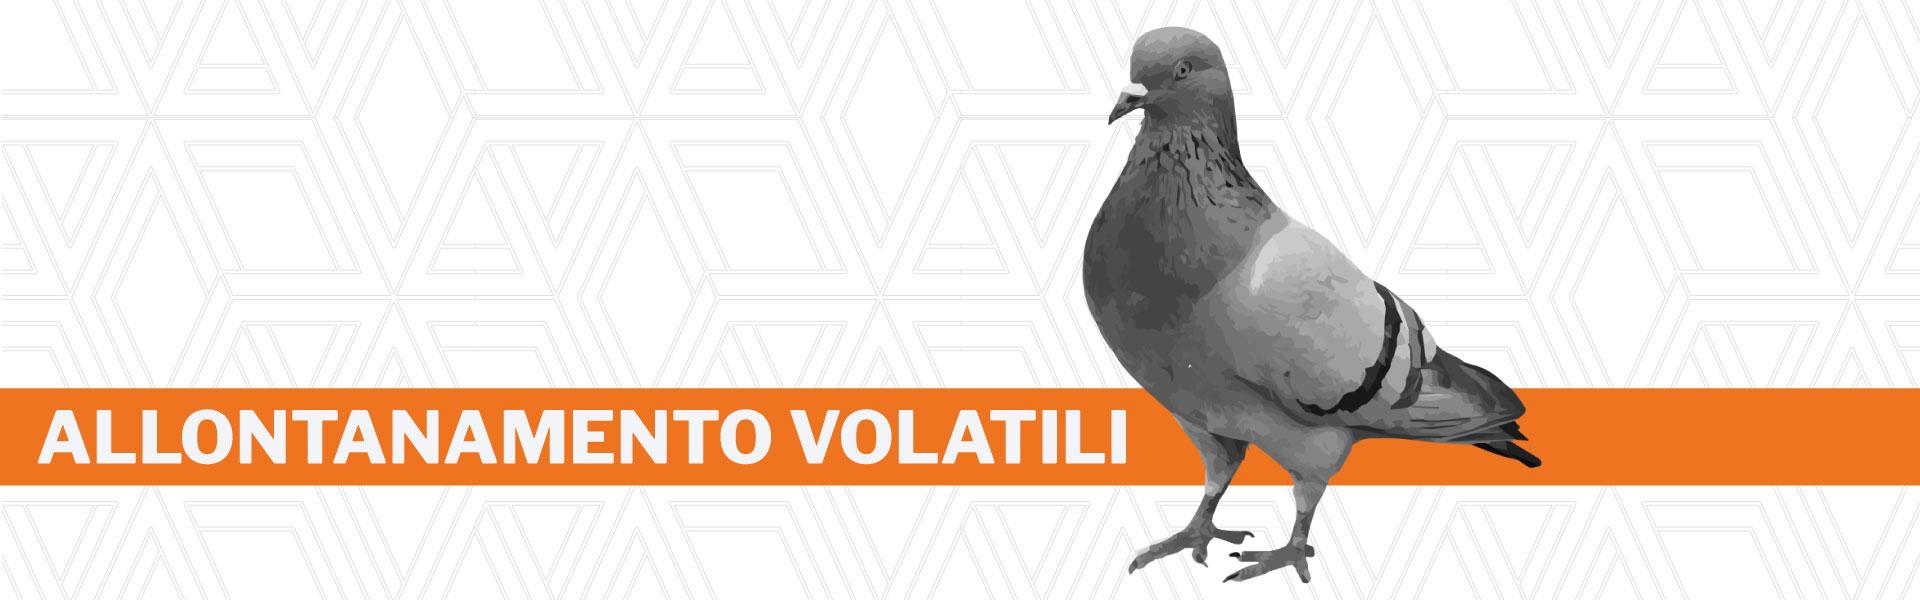 Allontanamento piccioni e volatili Urania srl